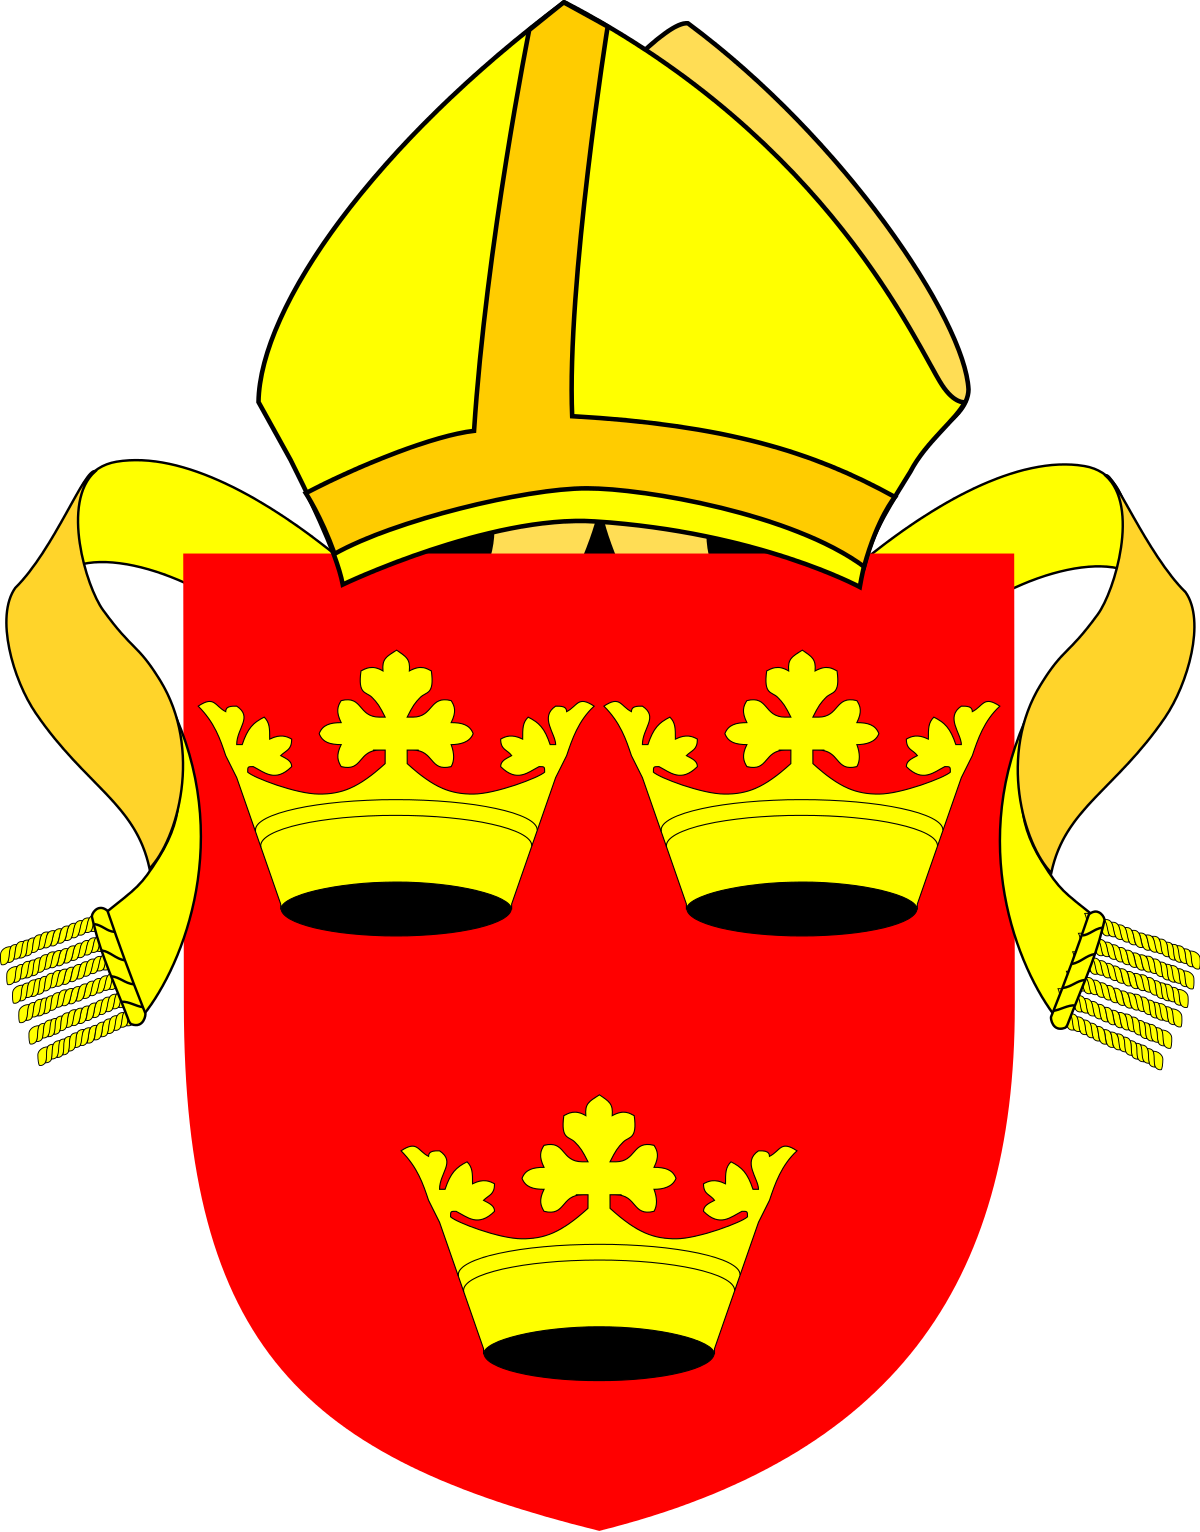 Bishop of Ely.